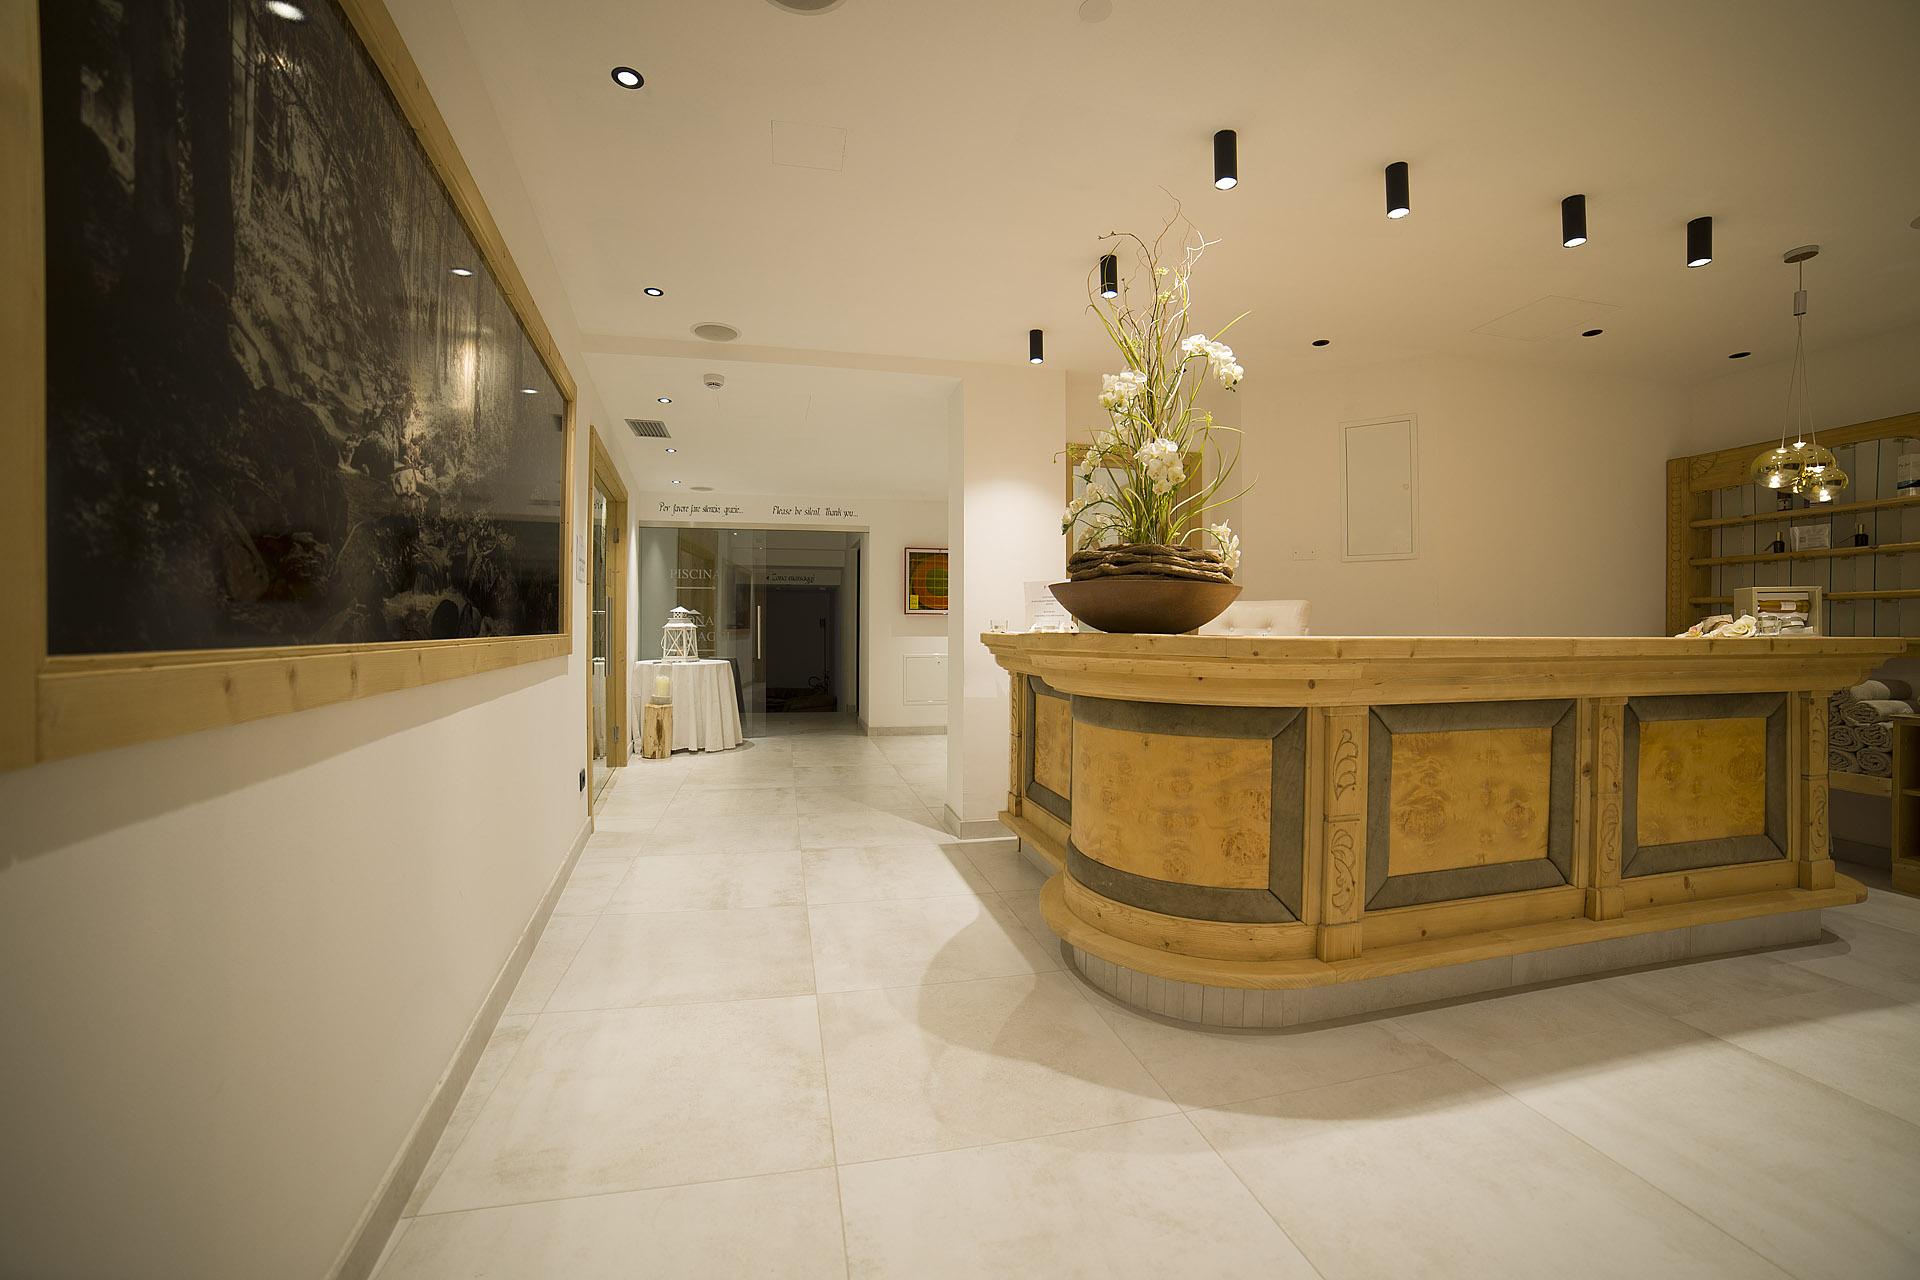 RECEPTION <br>HOTEL MAJARE' - POZZA DI FASSA